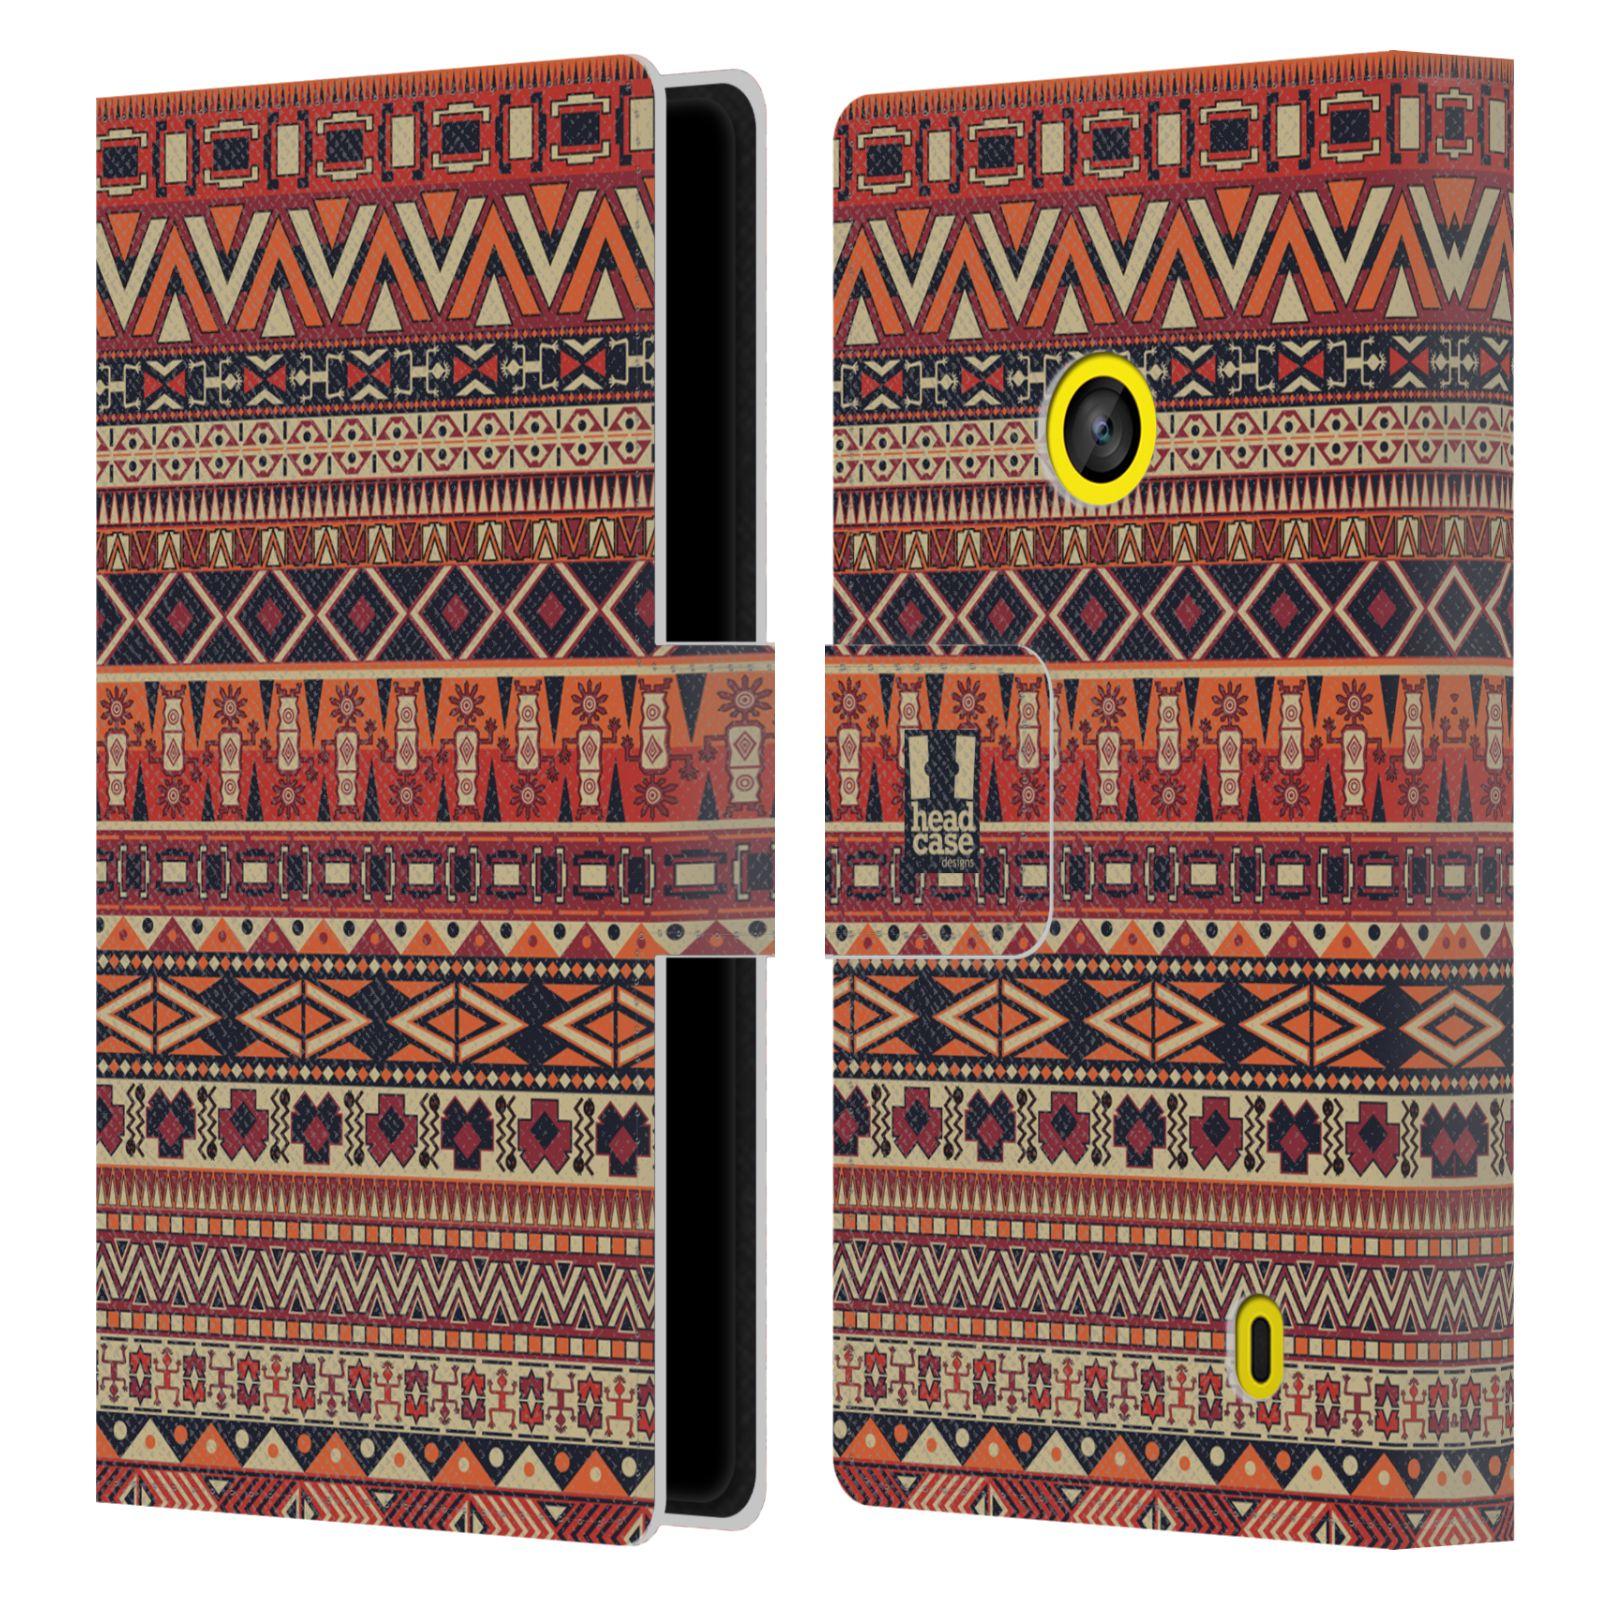 HEAD CASE Flipové pouzdro pro mobil NOKIA LUMIA 520 / 525 Indiánský vzor RED červená